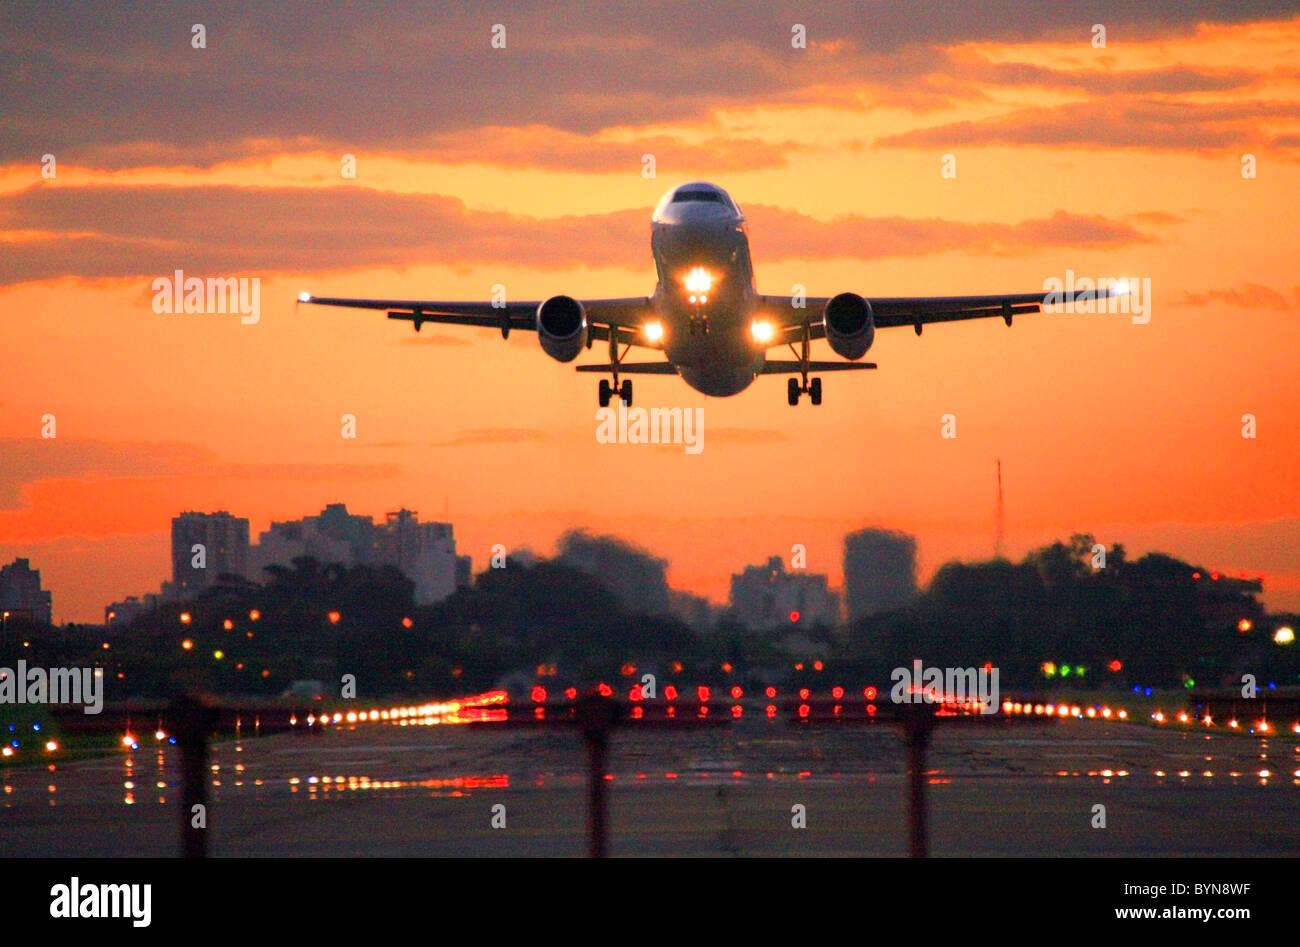 El avión comercial jet despegando el Aeroparque Jorge Newbery, al atardecer. Imagen De Stock